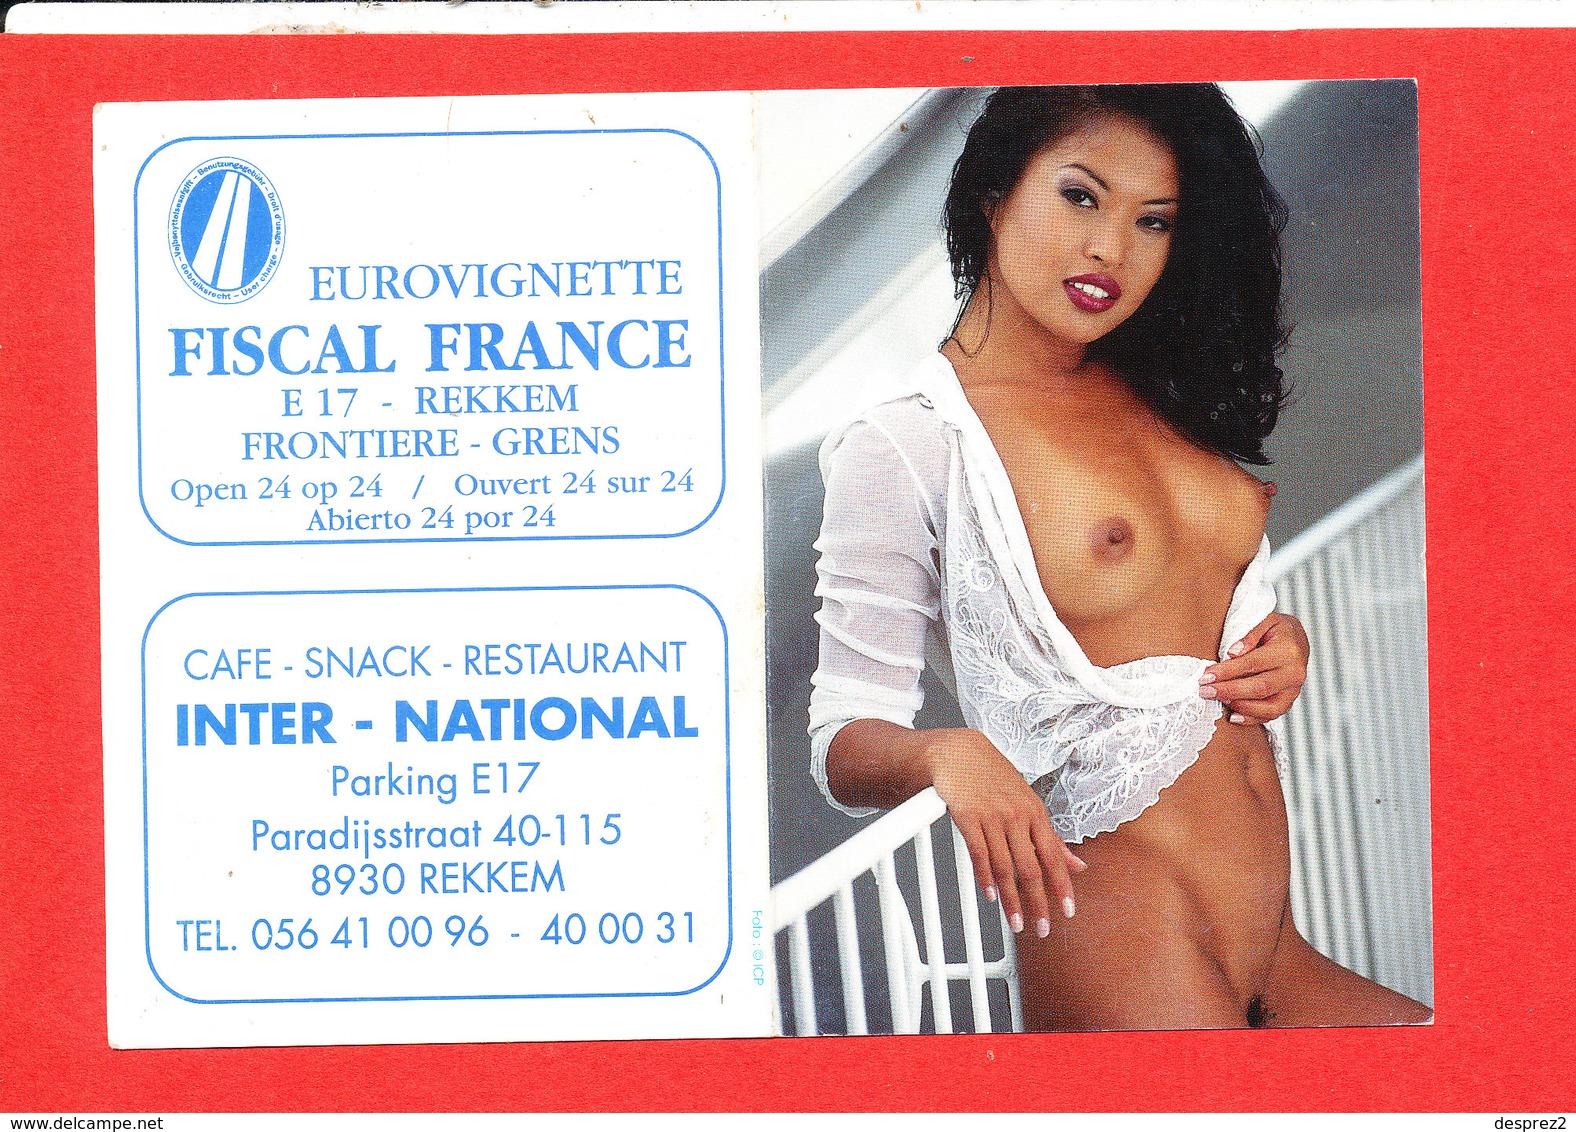 Calendrier Femme NU De 2007 * Format 14.5 Cm X 10.5 Cm - Erotiques (…-1960)